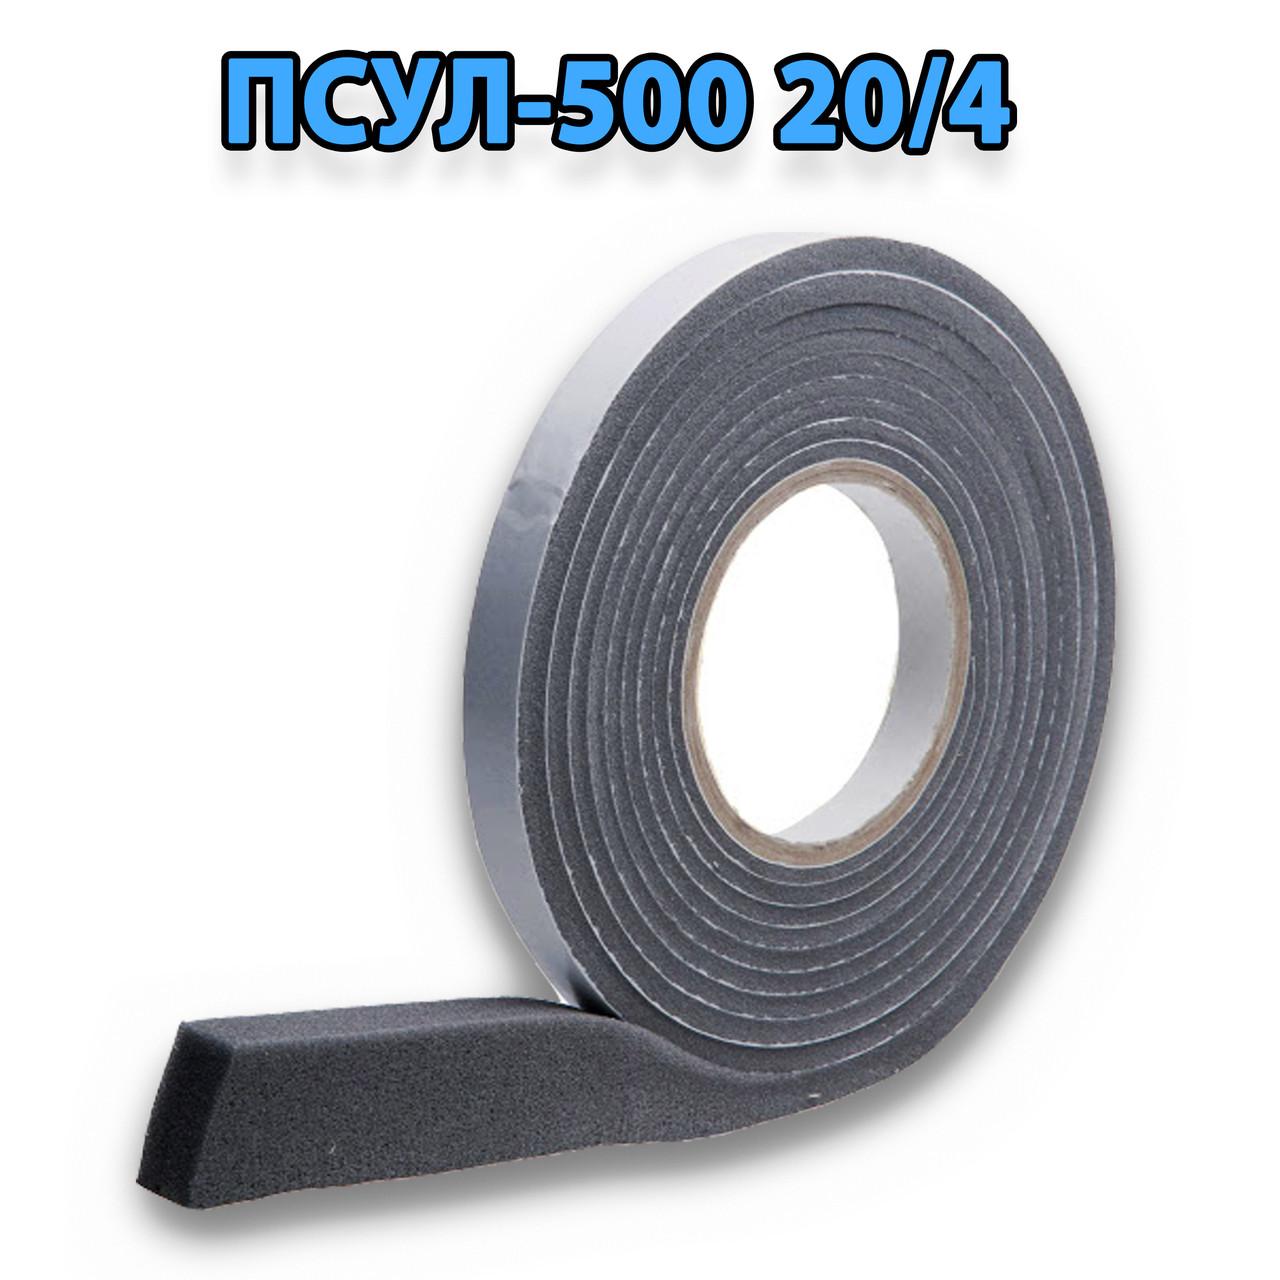 Стрічка ПСУЛ НВ-500 20/4 (9 м)